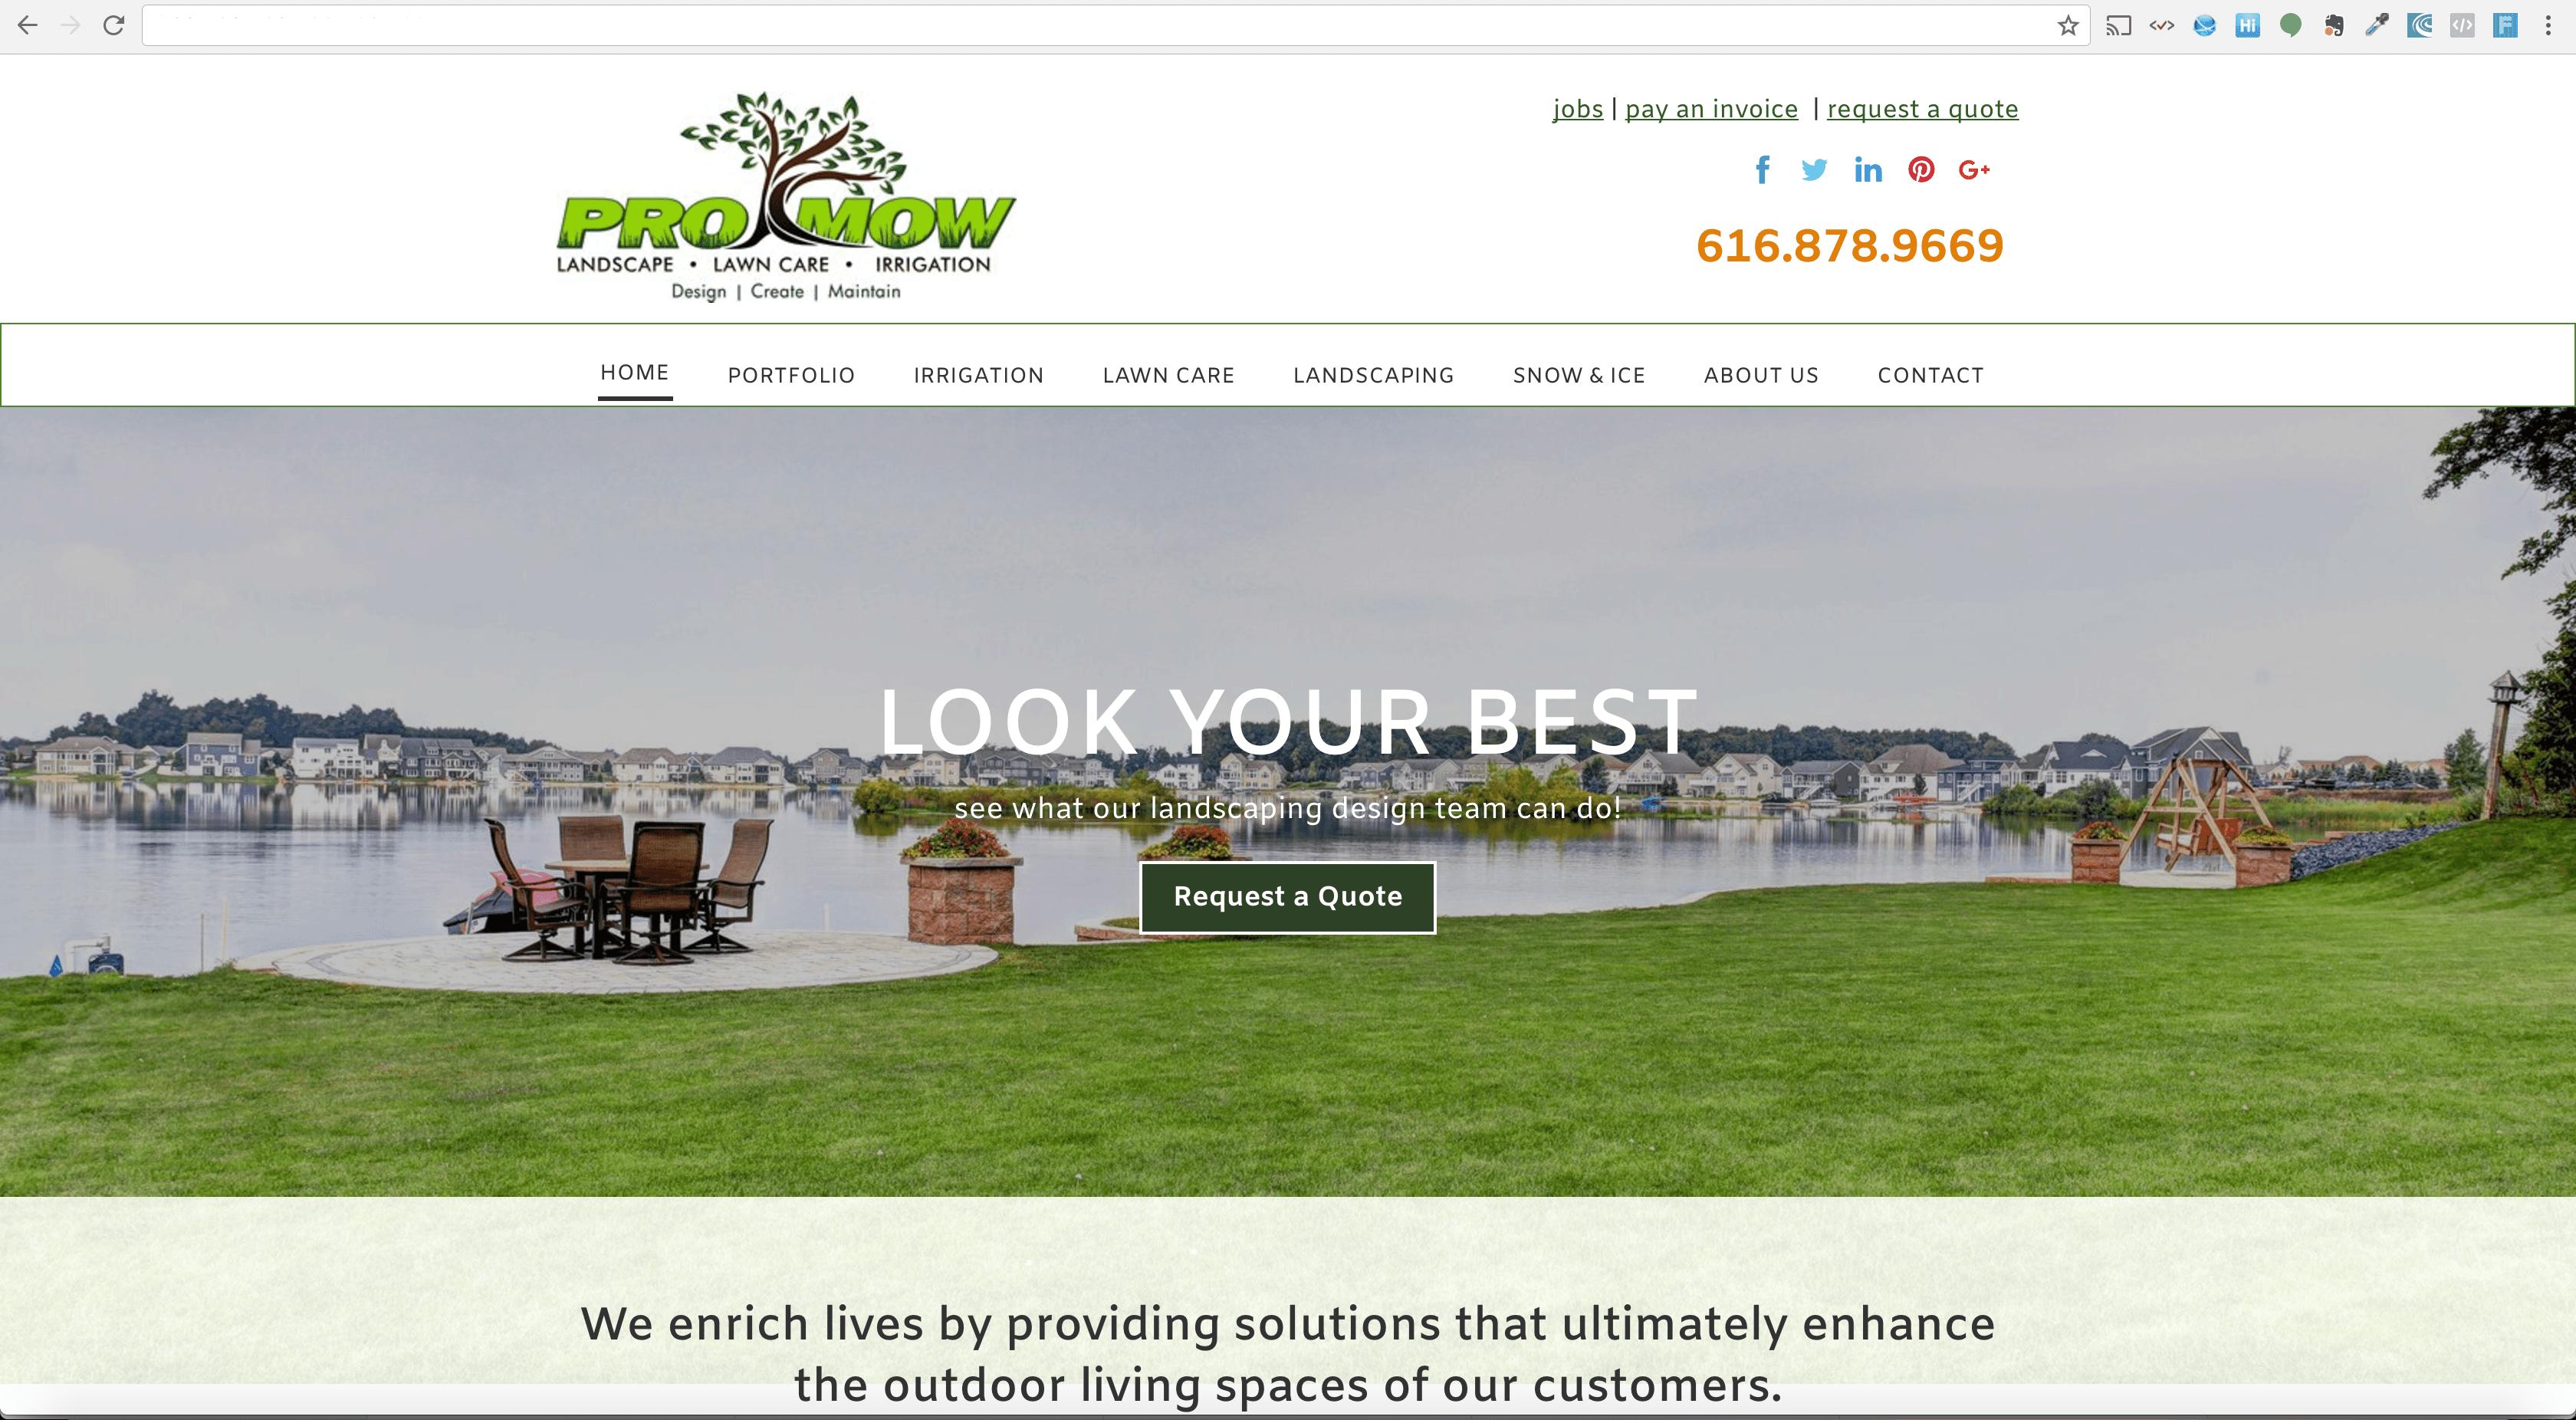 Web Development Portfolio - Lawn and Landscape Company